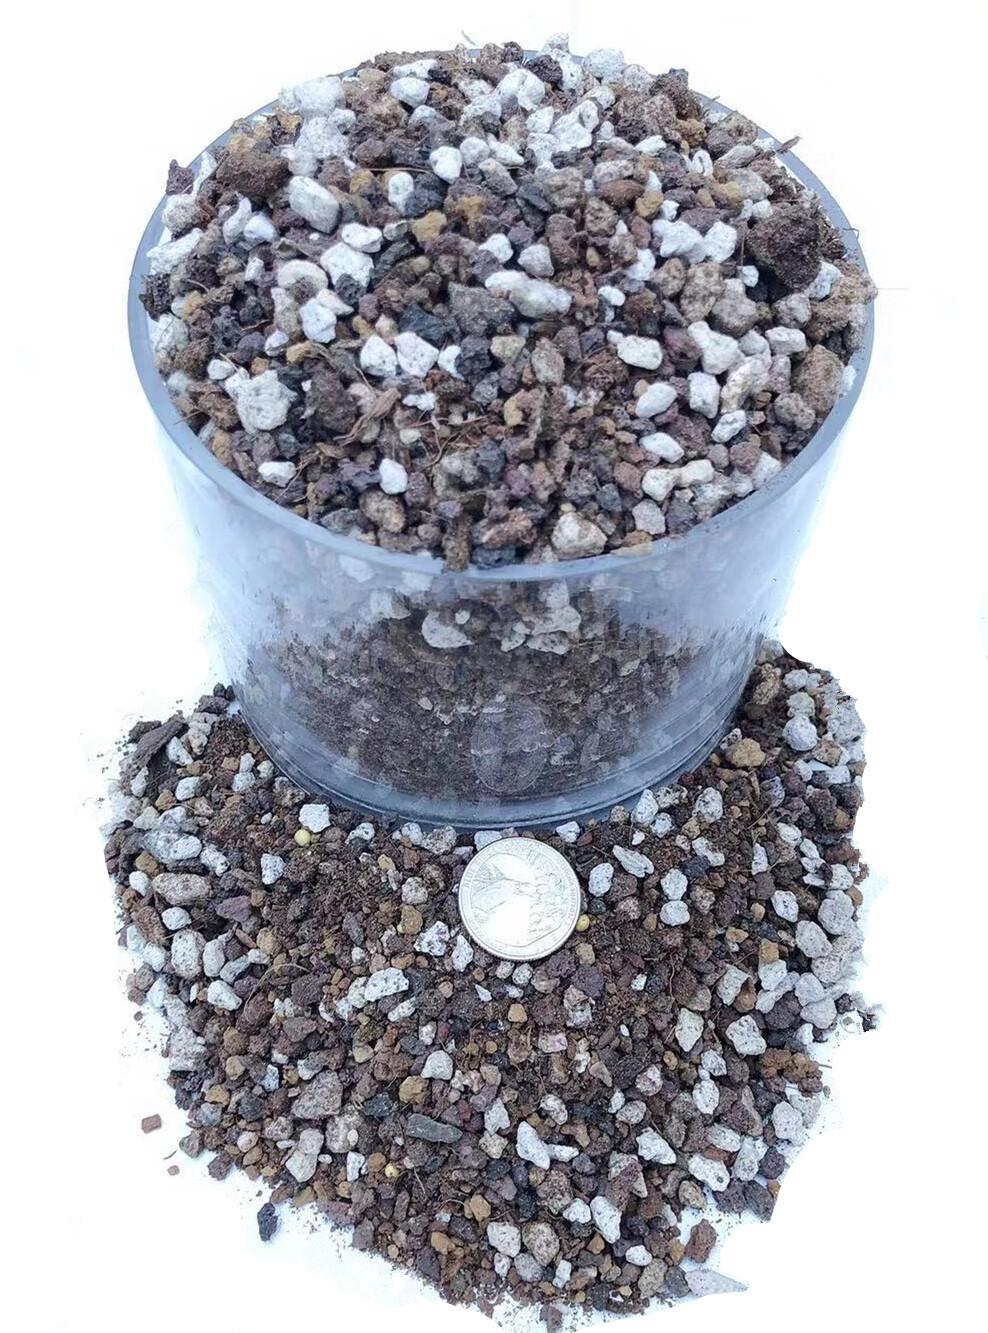 Succulent & Cactus Soil Mix - Premium Pre-Mixed Fast Draining Blend (2 Dry Quarts)